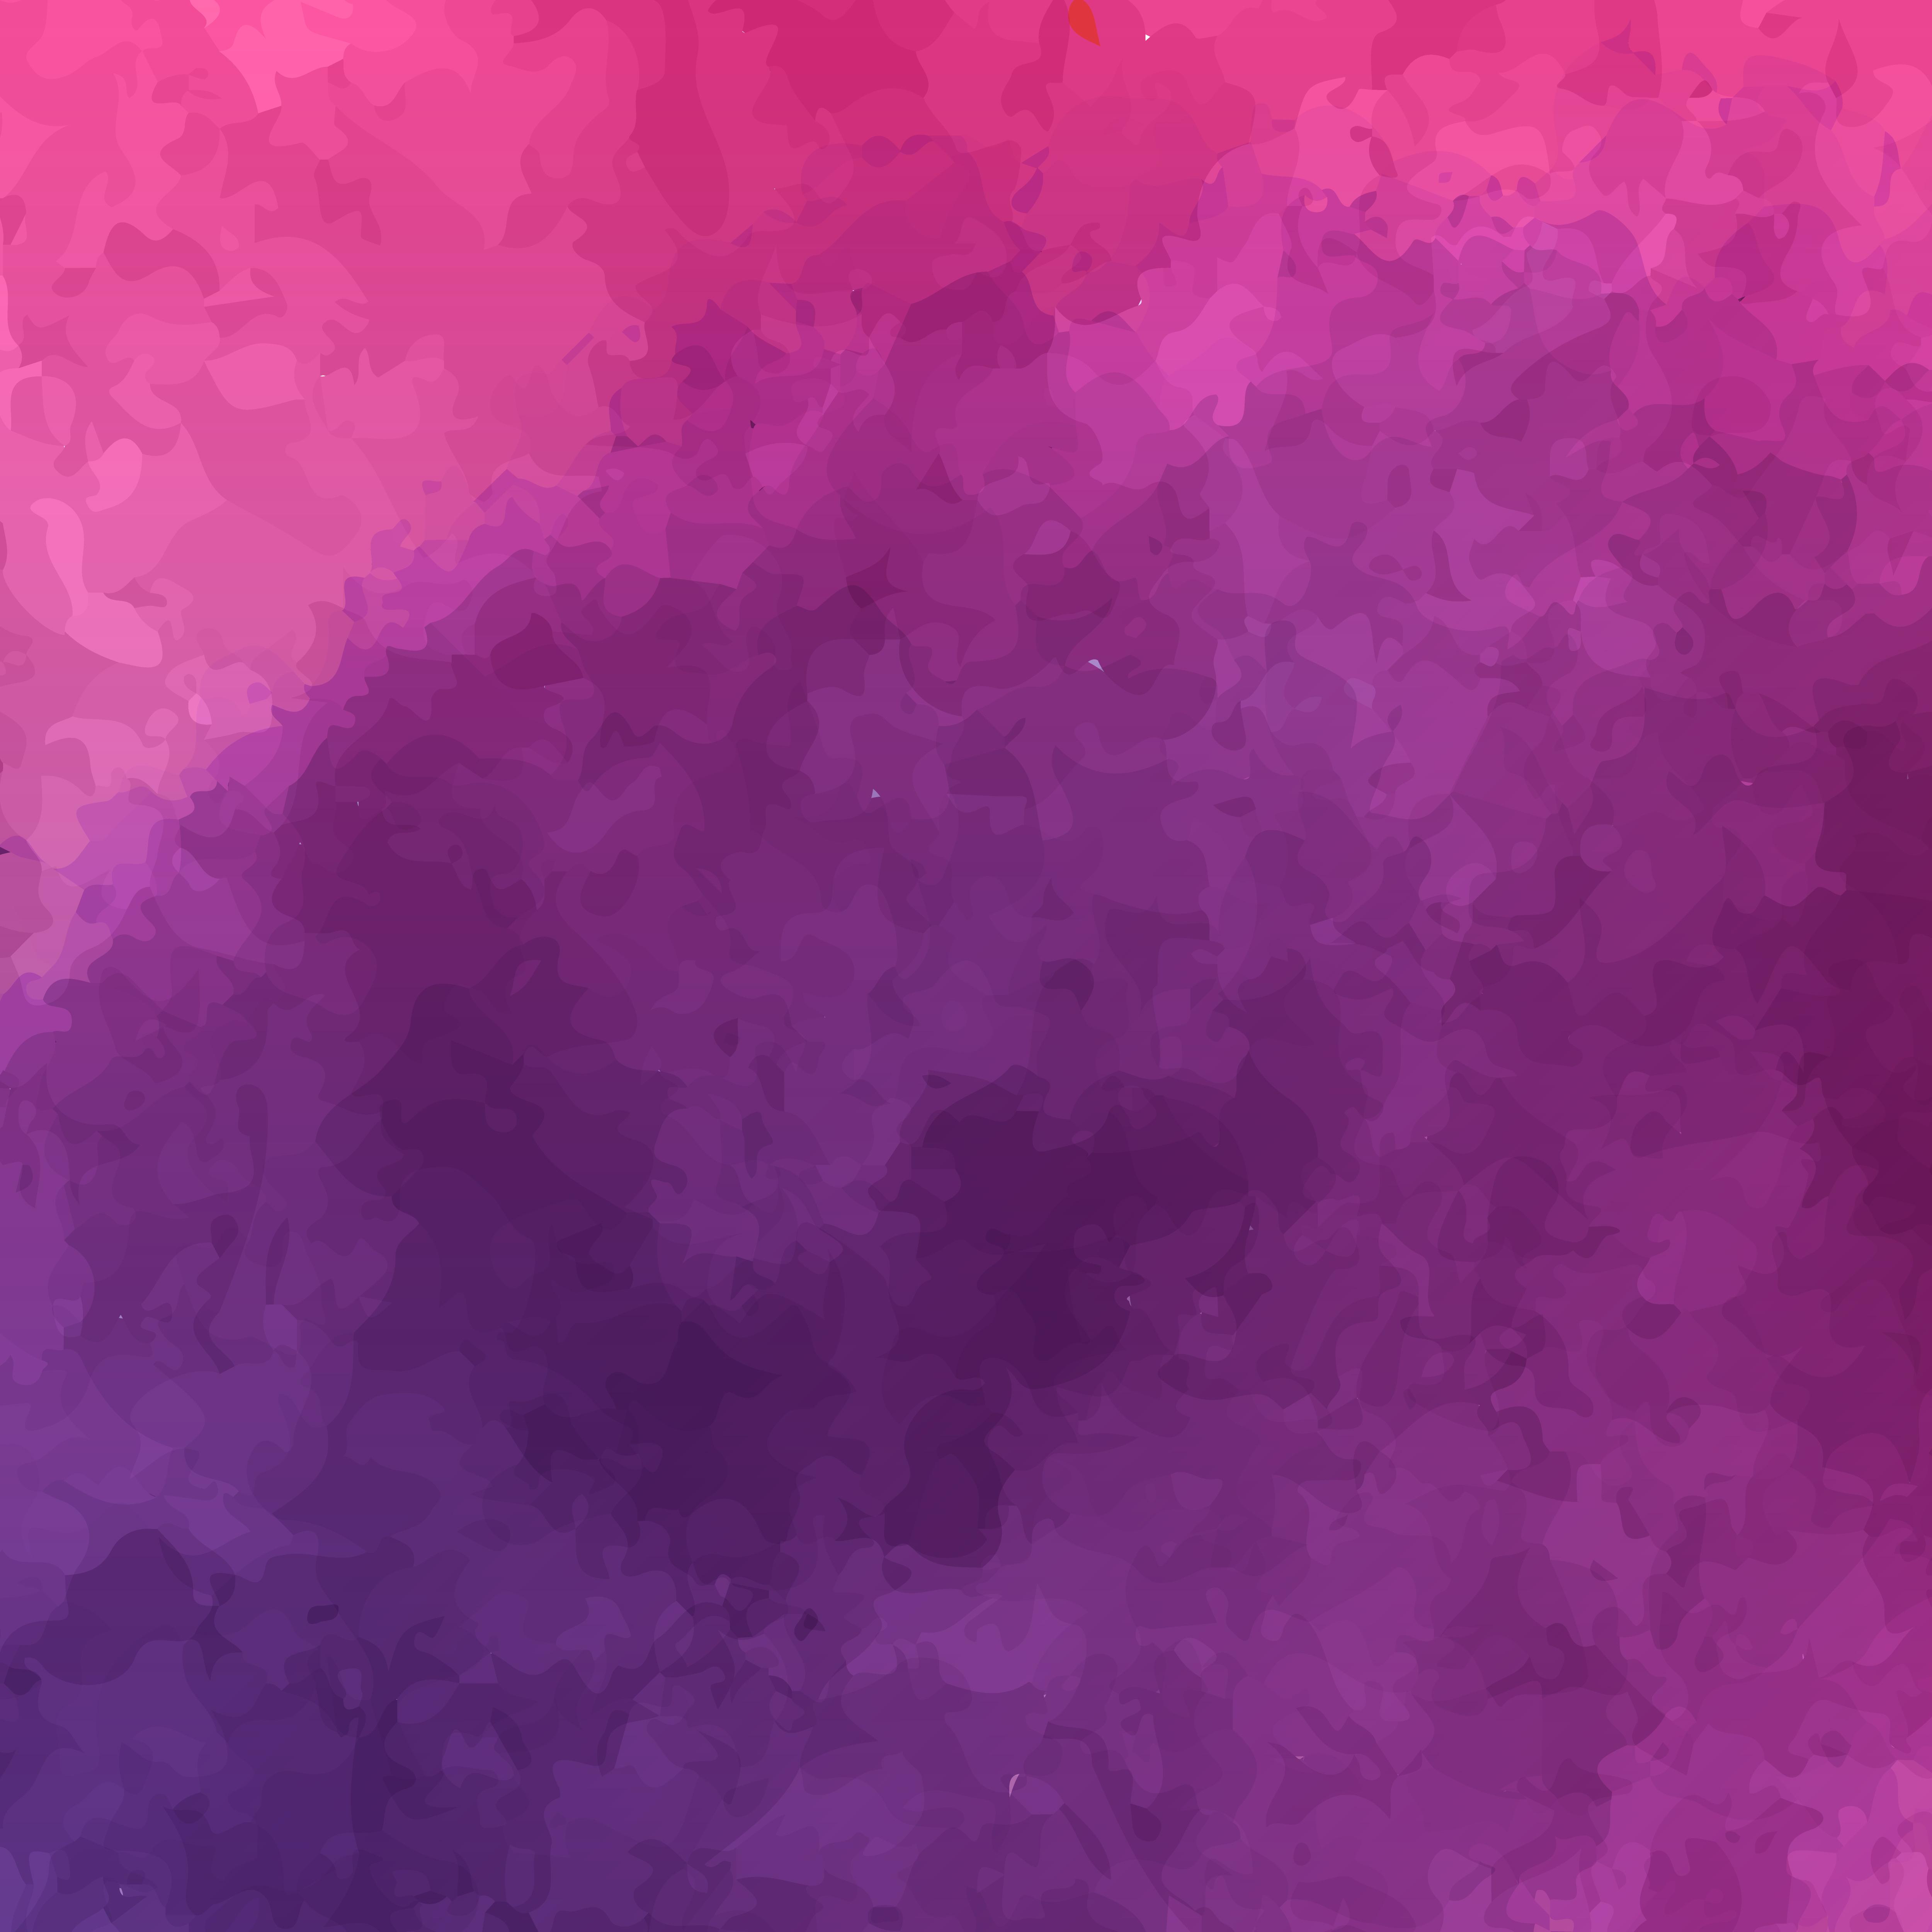 紫色背景 免費下載 | 天天瘋後製